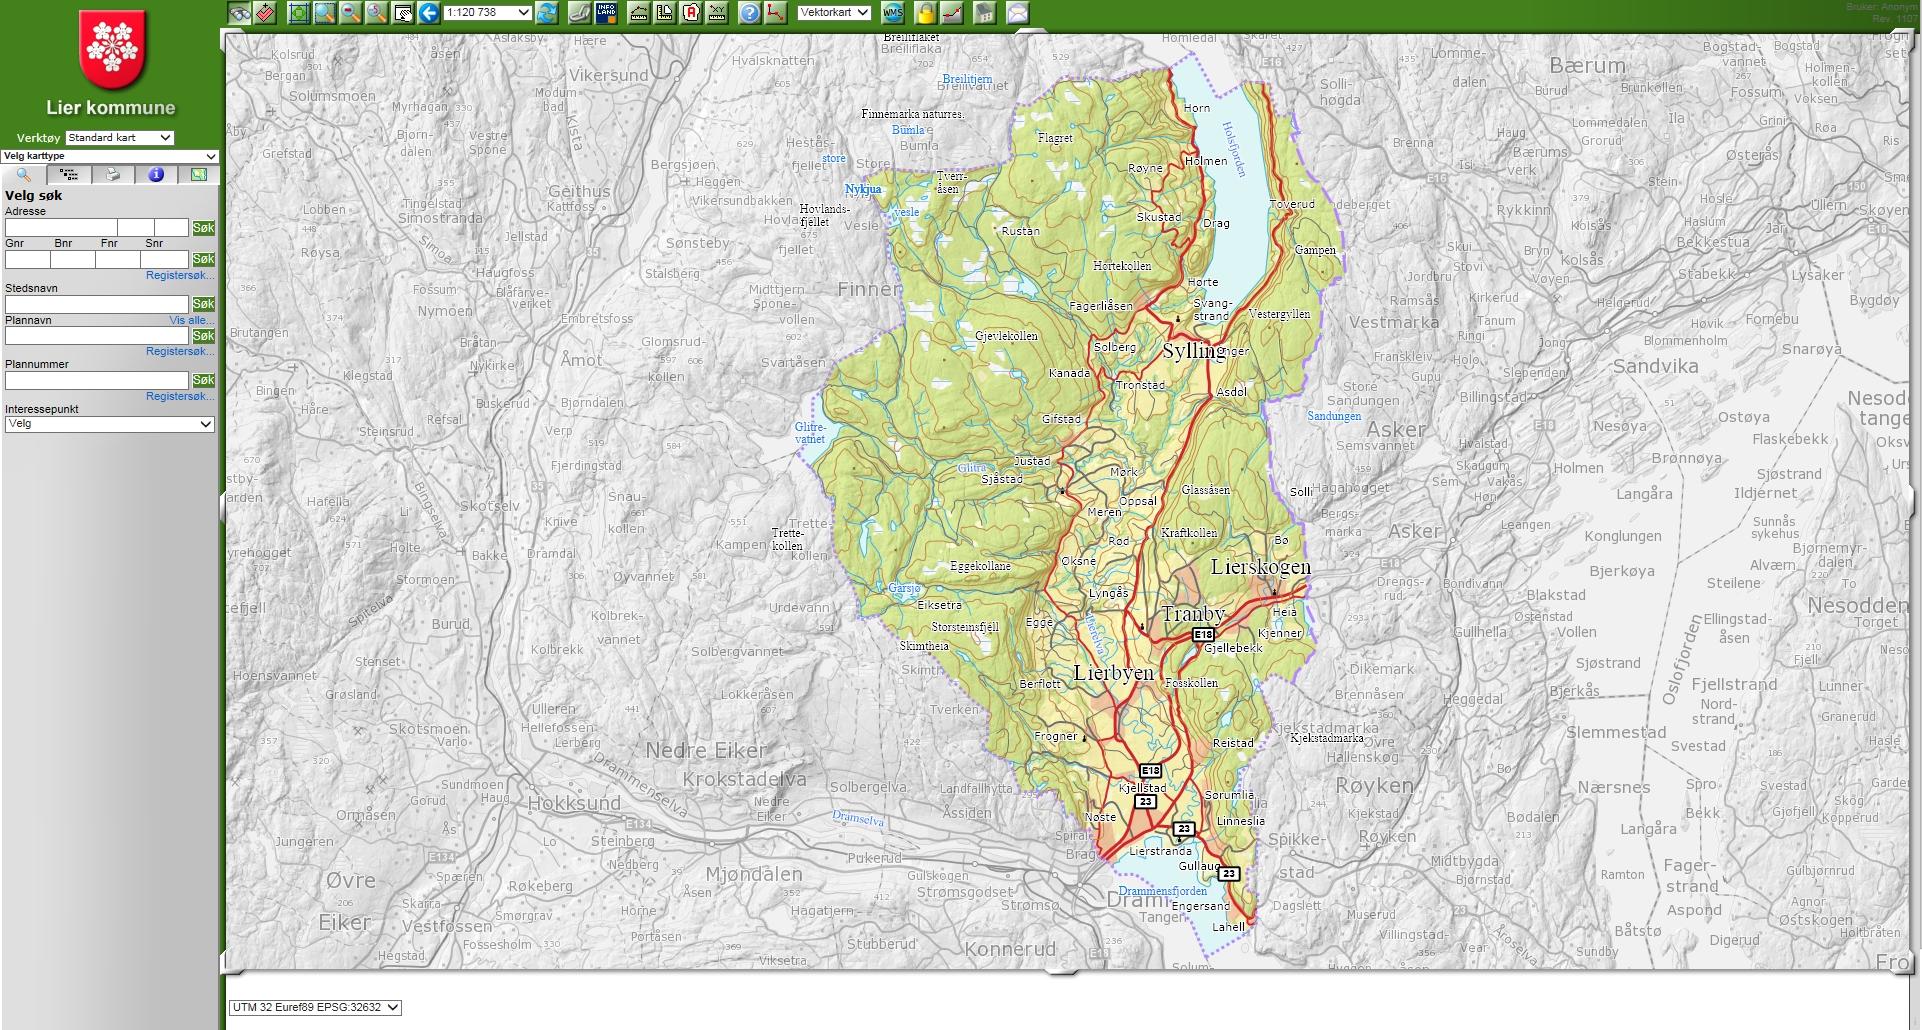 kart skog og landskap Kart   Lier kommune kart skog og landskap